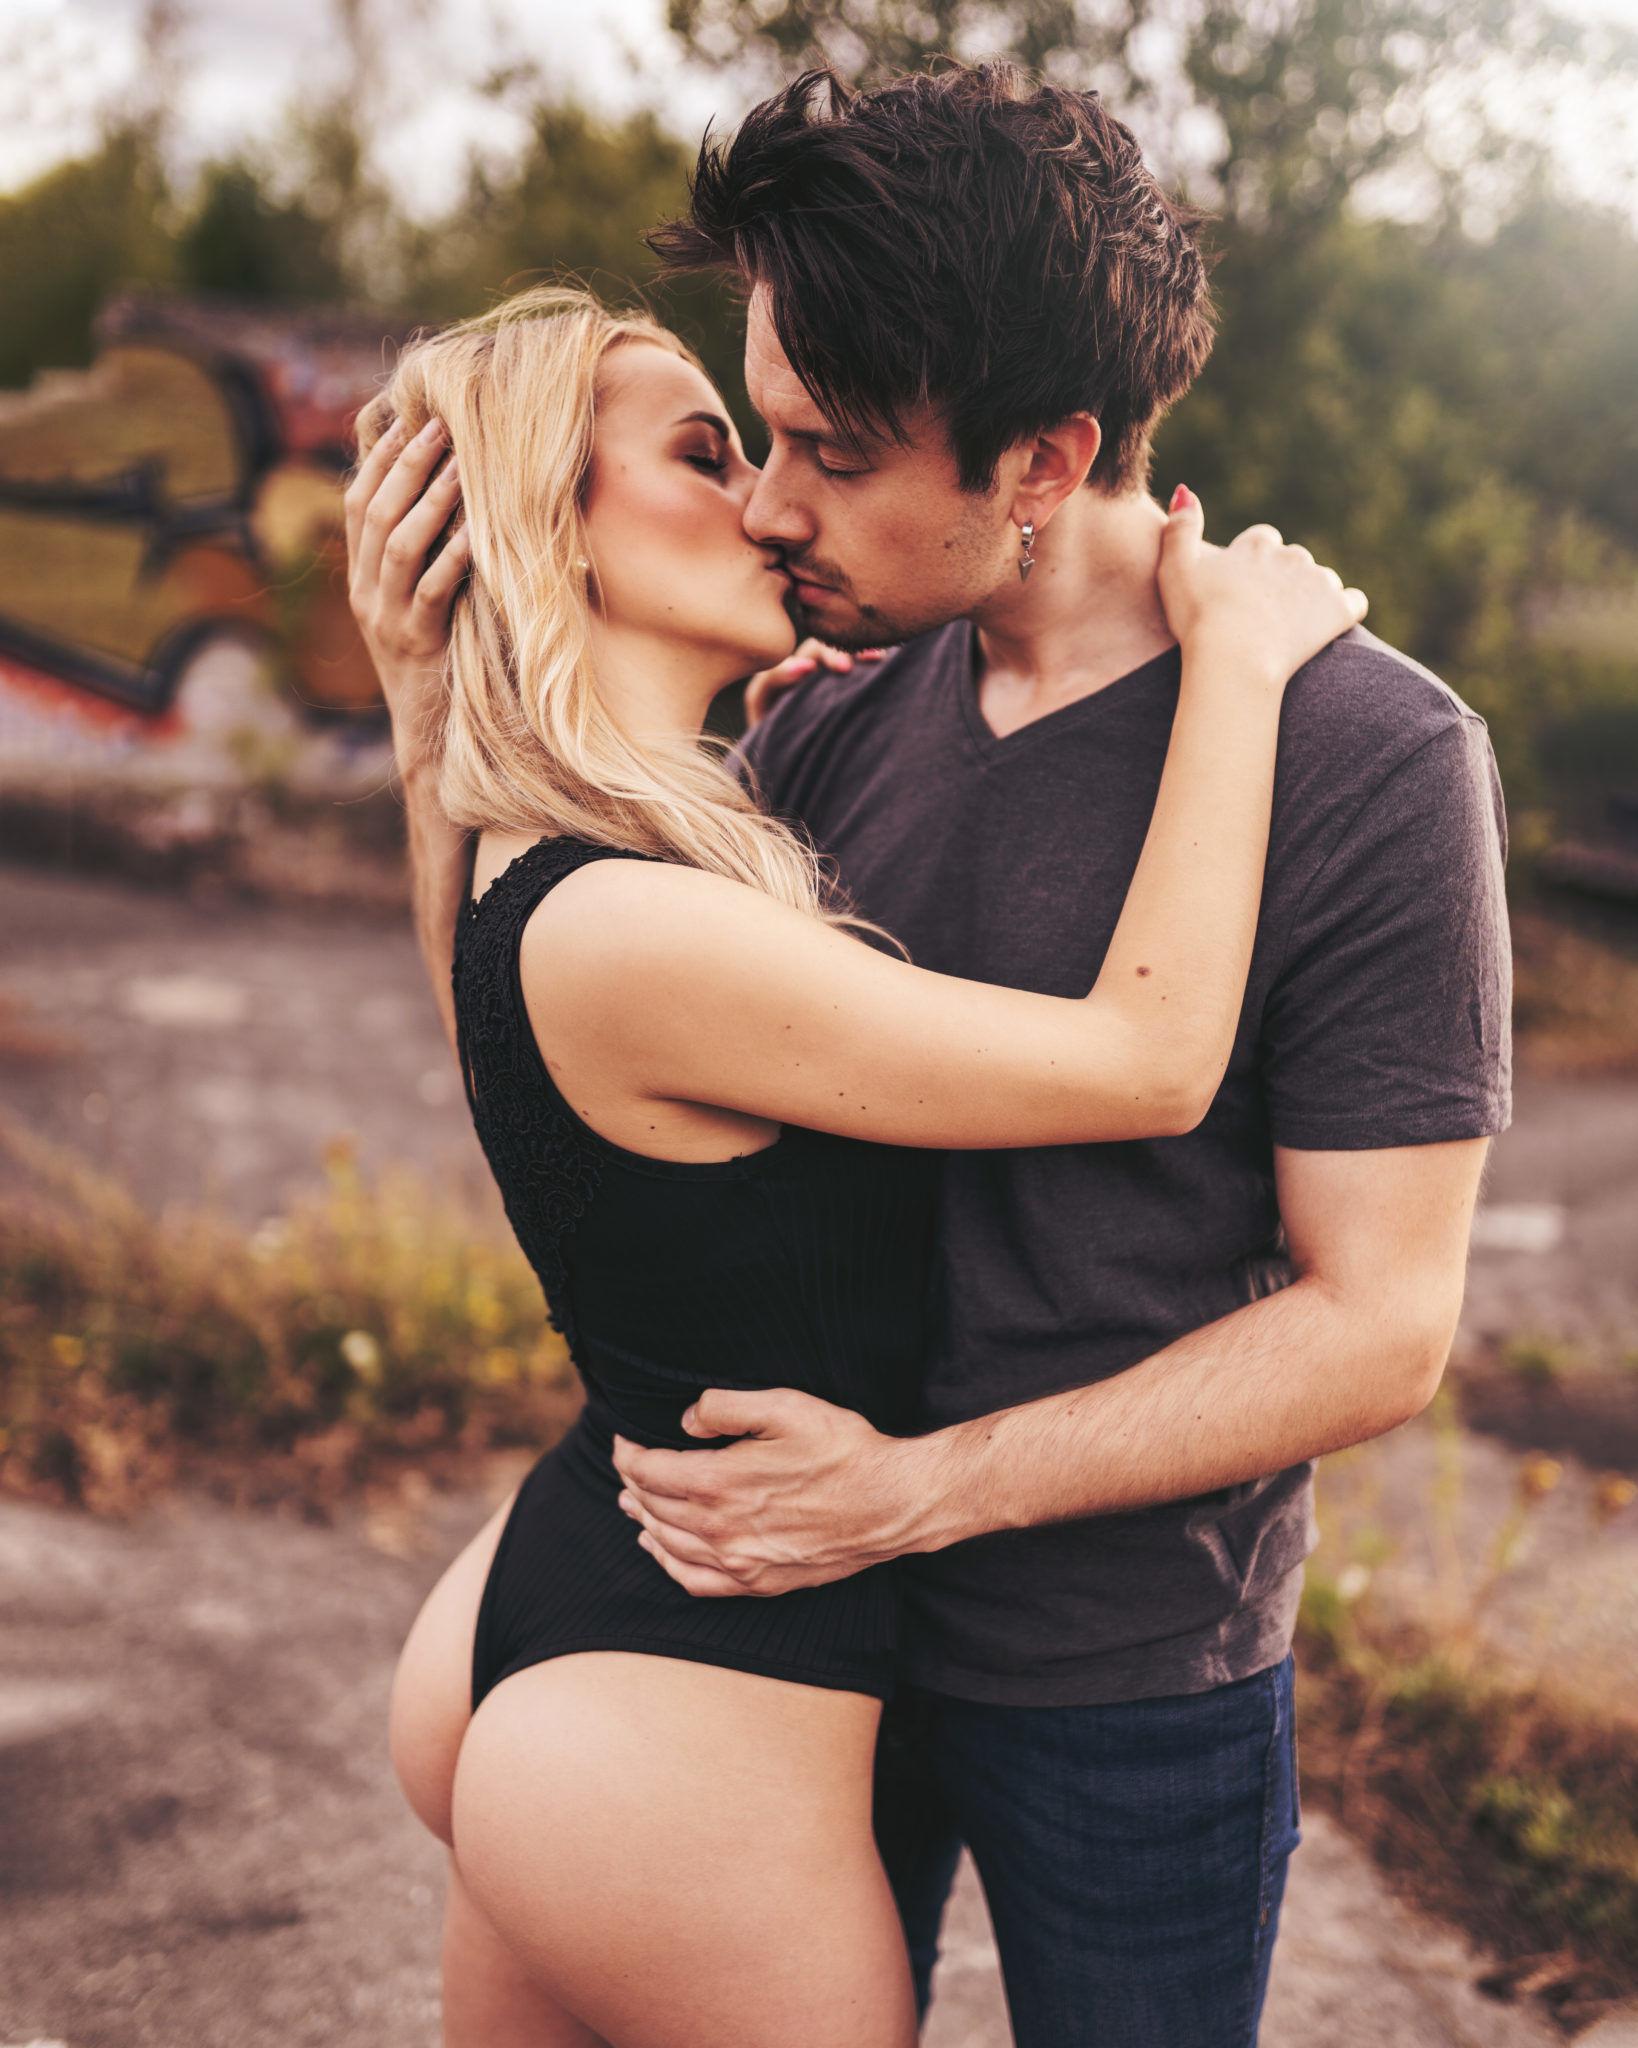 Sexy Body und leidenschaftlicher Kuss